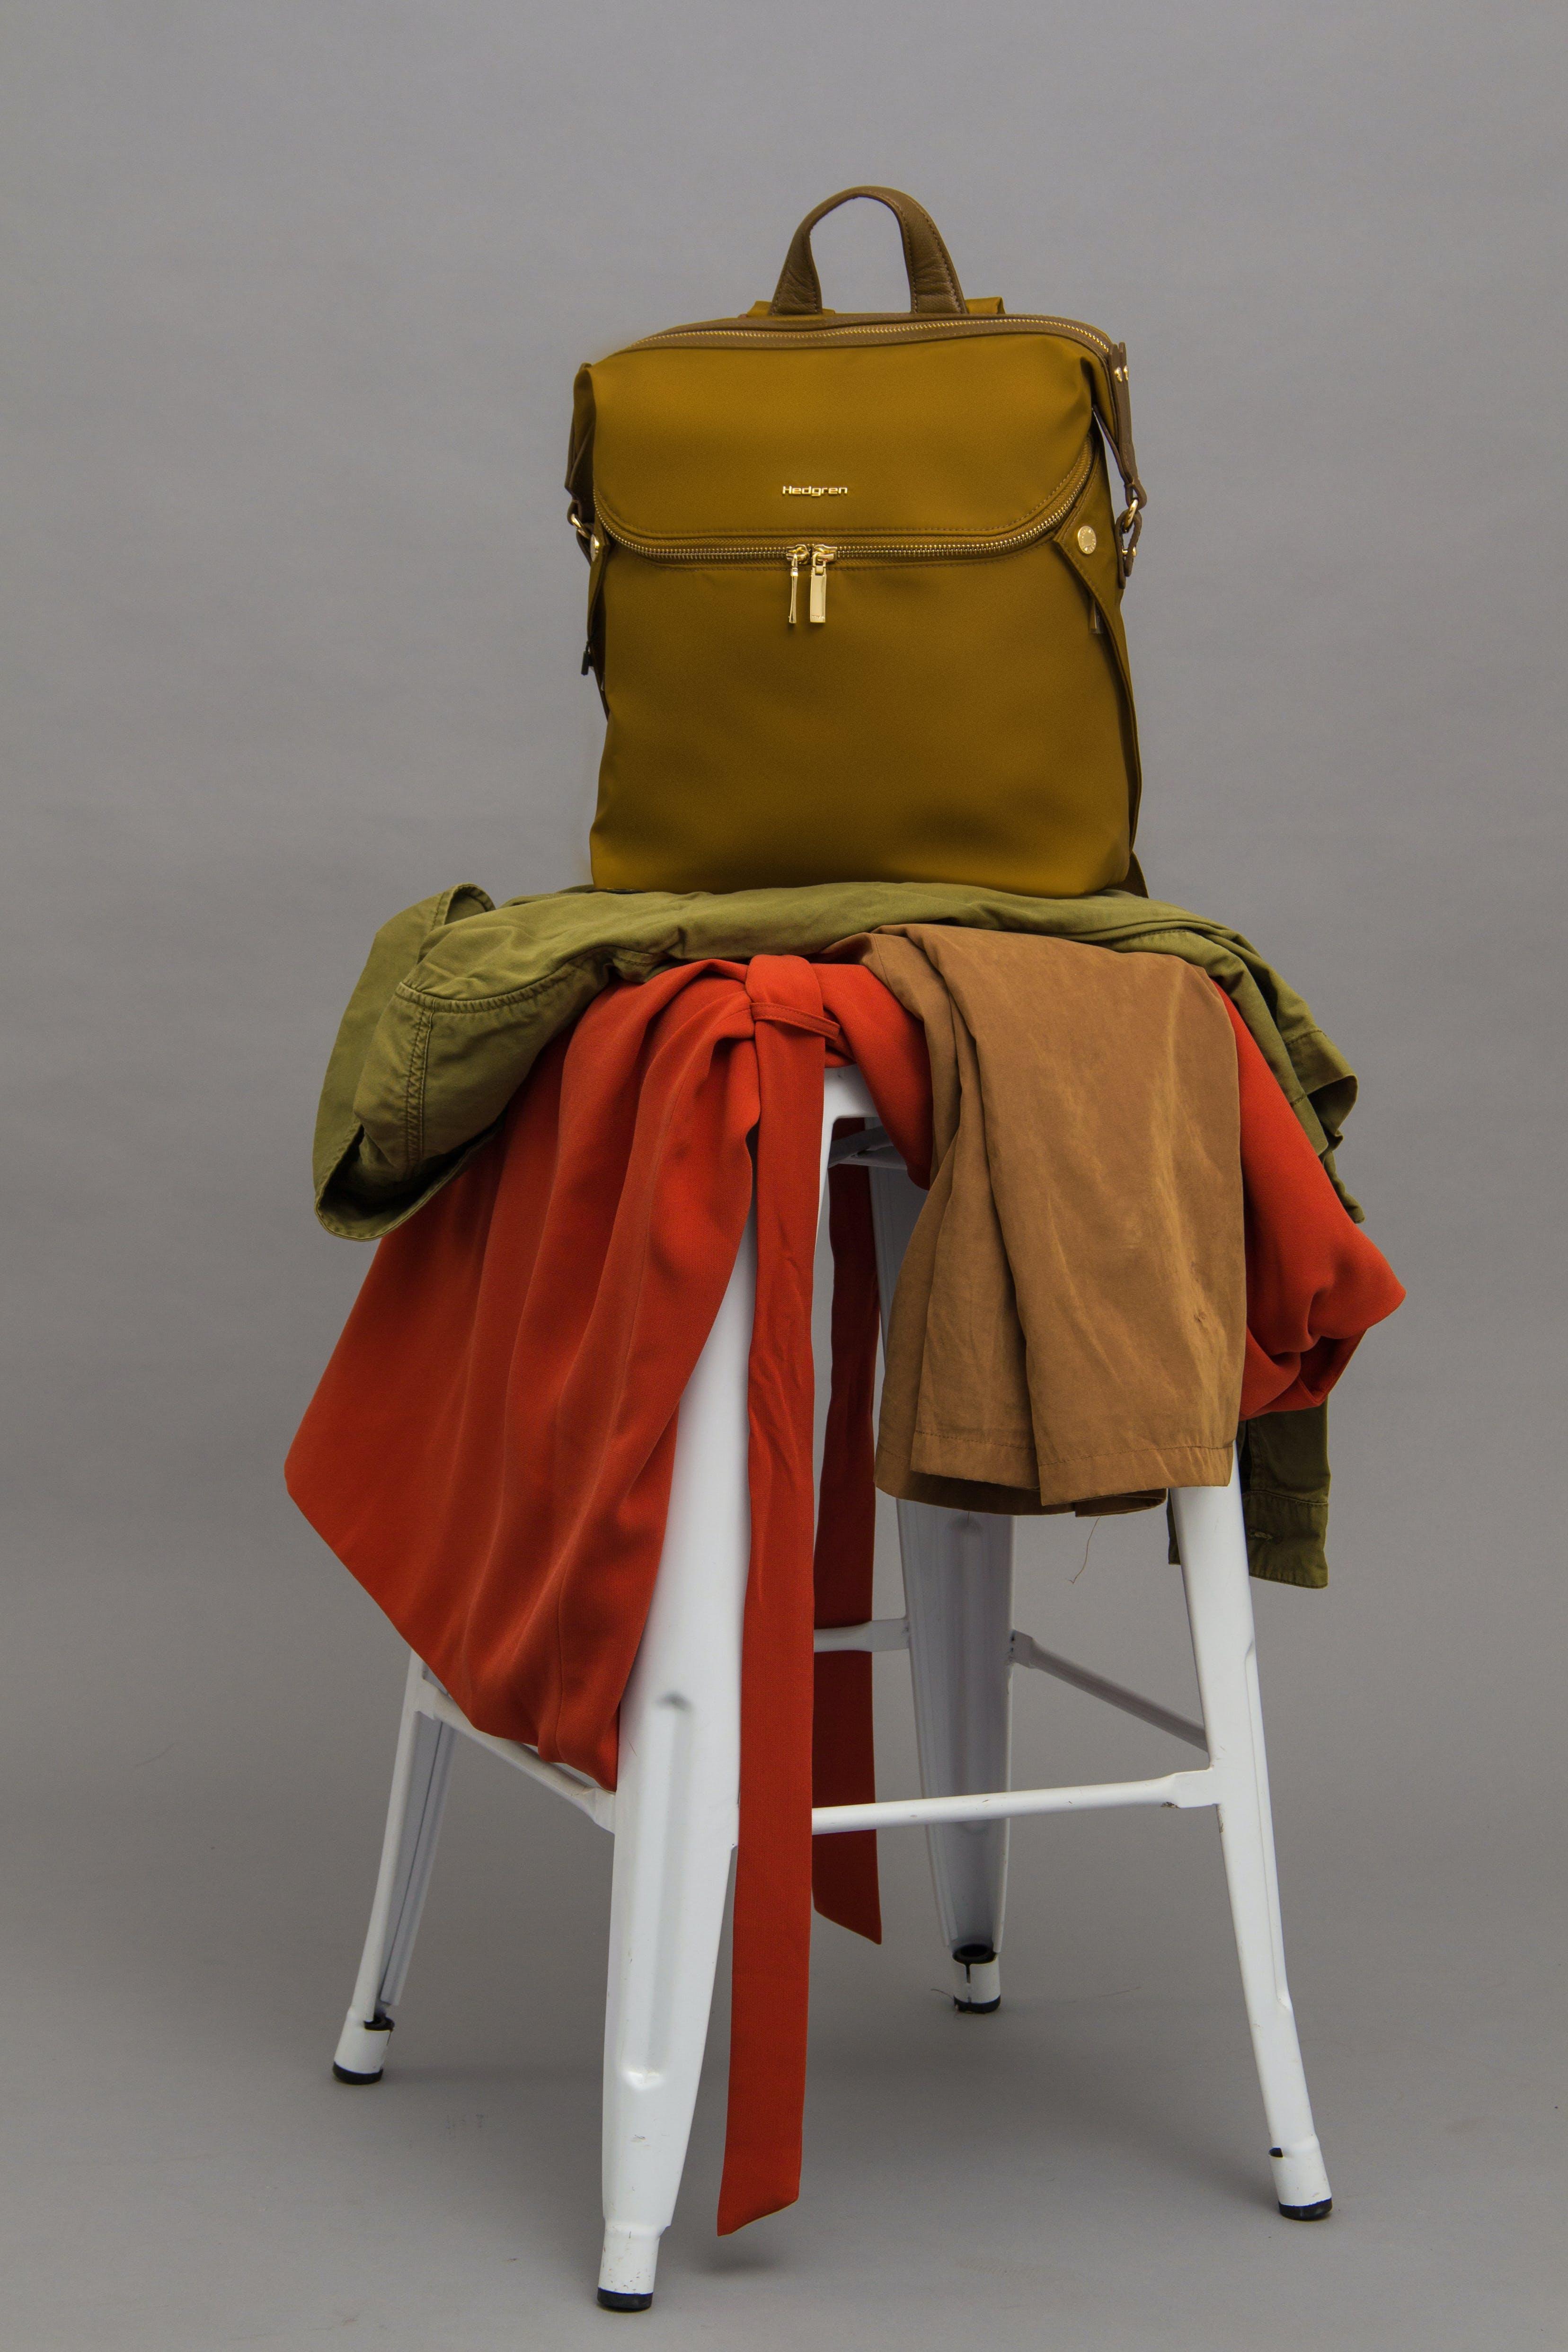 Бесплатное стоковое фото с одежда, рюкзак, табурет